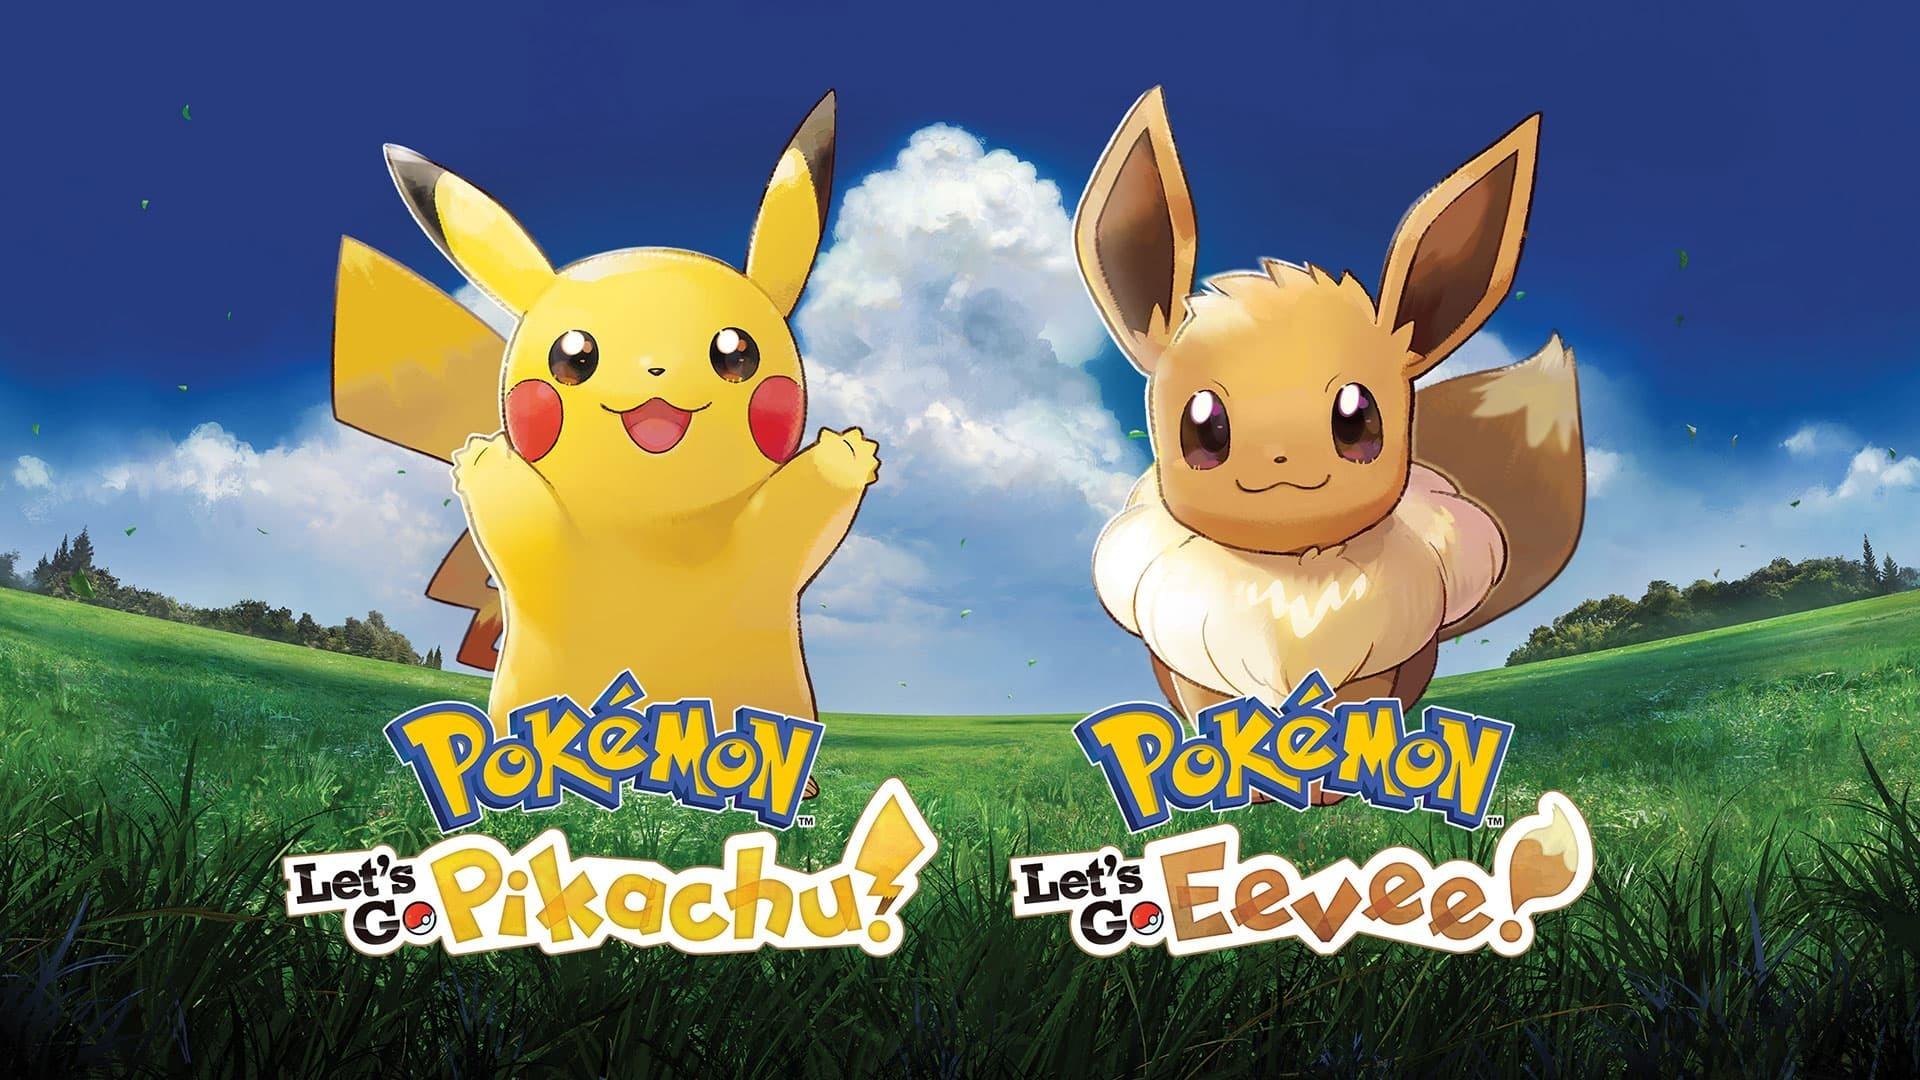 Nos EUA, 28% dos jogadores ativos de Pokémon GO planejam comprar Pokémon Let's Go, Pikachu! / Eevee!